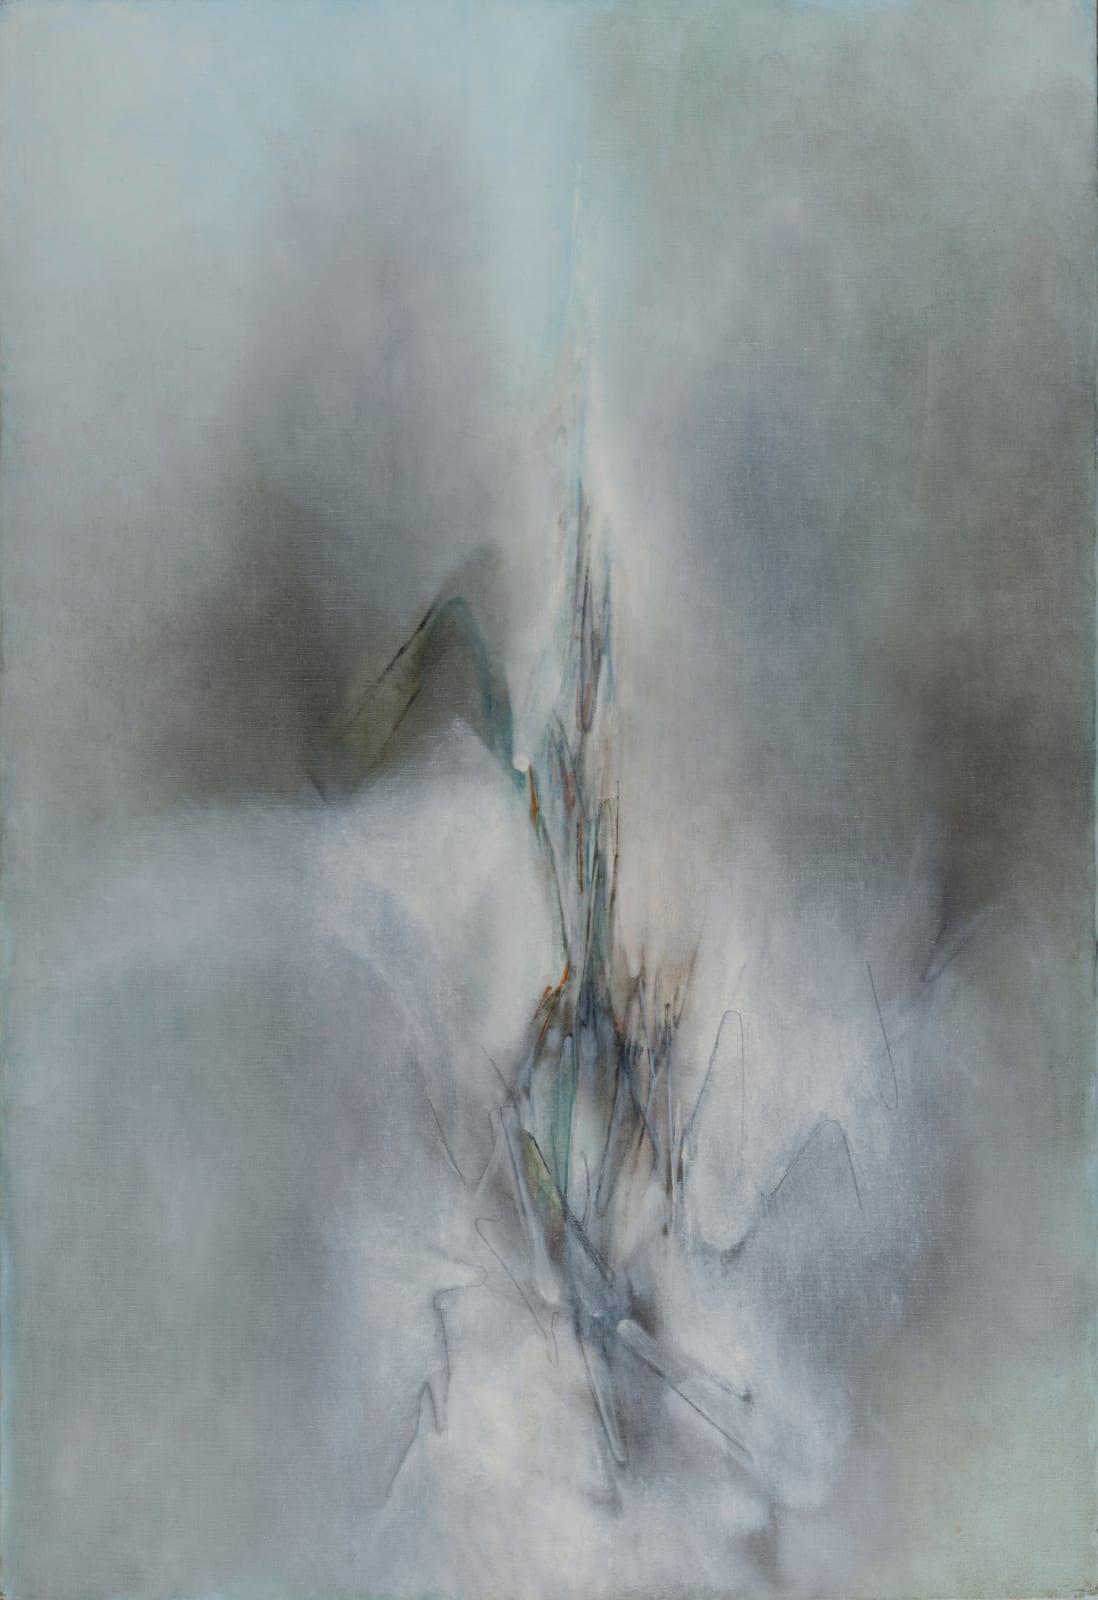 Lalan 謝景蘭, Untitled《無題》, 1970s